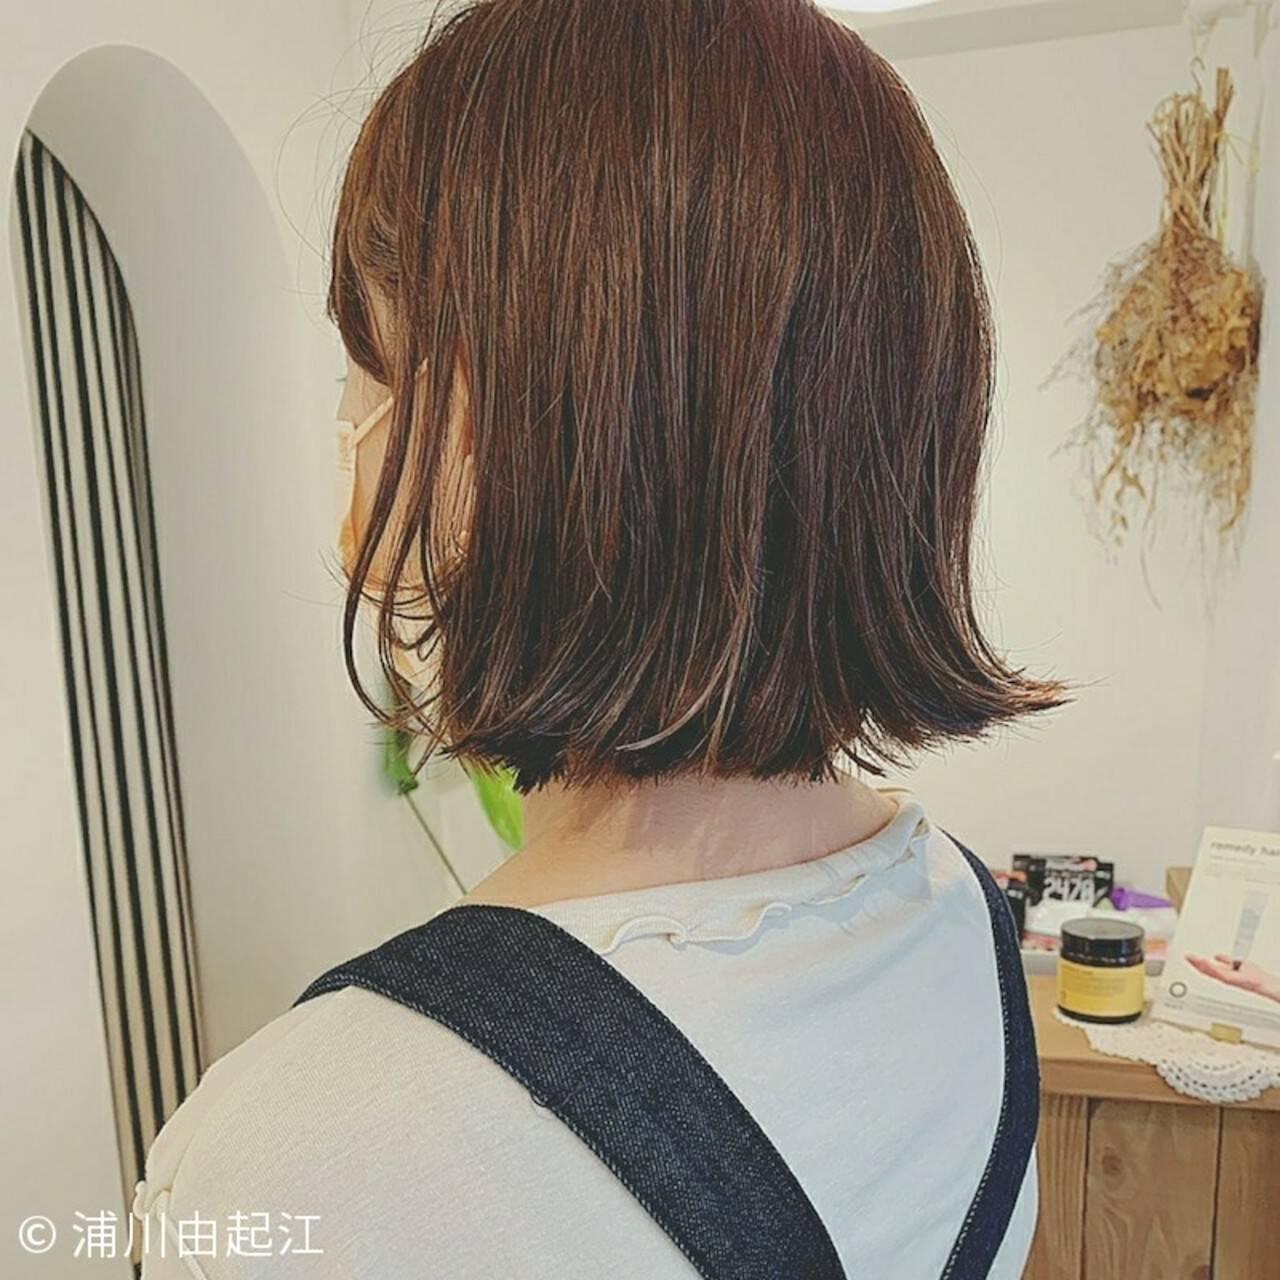 ハイライト 切りっぱなしボブ アンニュイほつれヘア ボブヘアスタイルや髪型の写真・画像